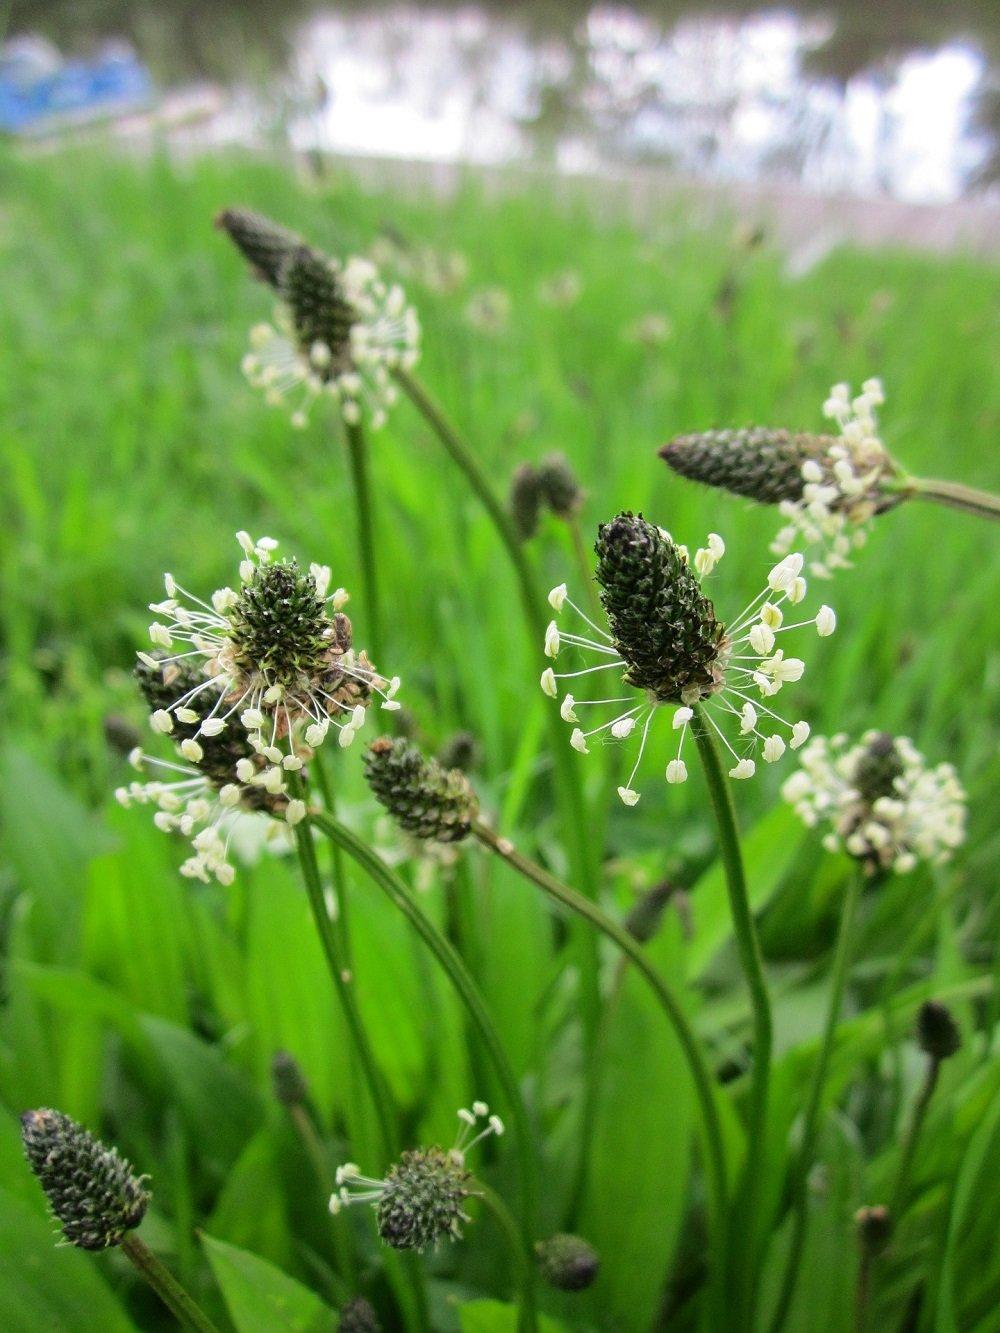 5ea689b44d9 De smalle weegbree heeft smalle rozetbladeren met parallellopende nerven.  Ook dit is een overblijvende plant die in de herfst afsterft en in het  voorjaar ...